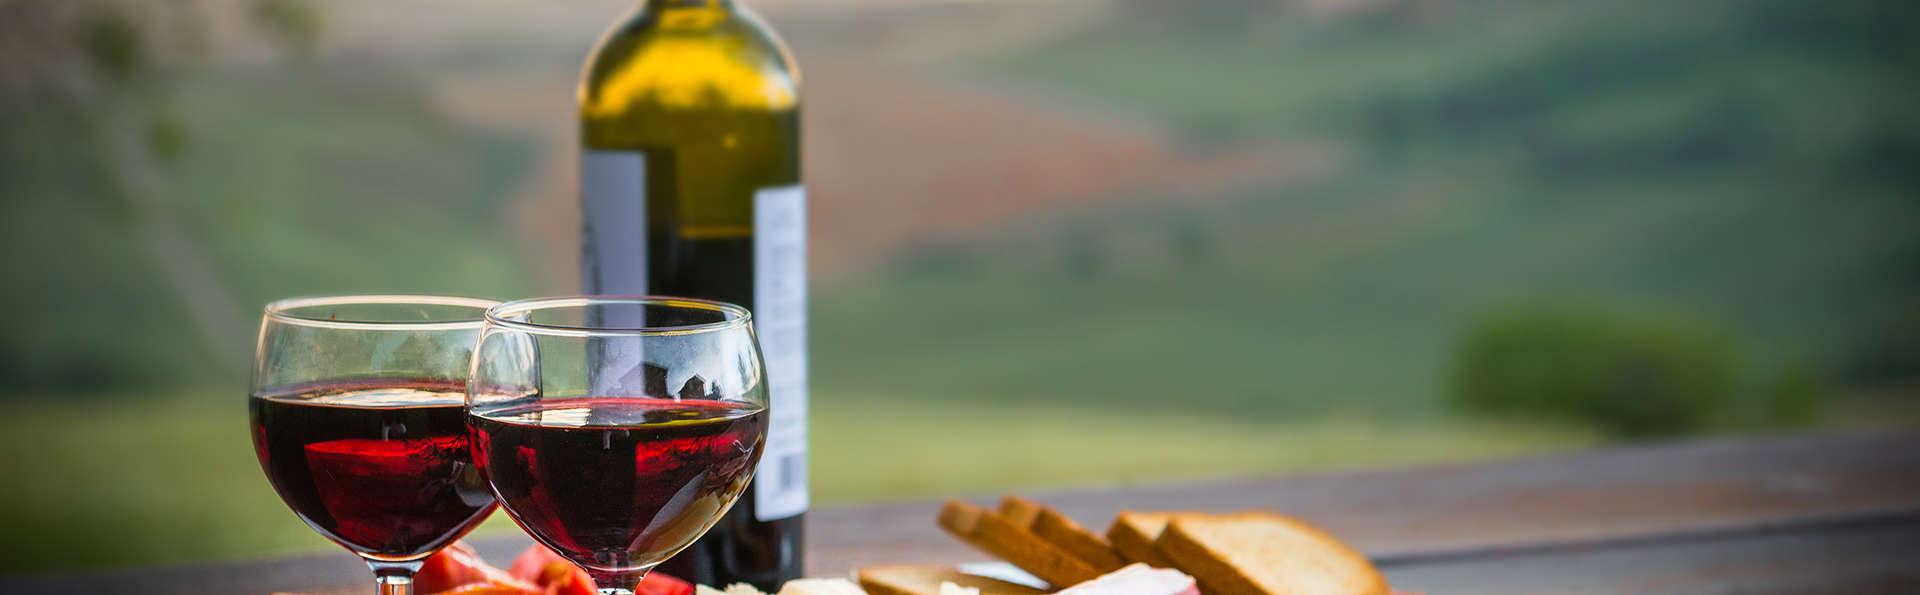 Découvrez le nord de l'Italie avec un week-end dans la vallée d'Aoste et une dégustation de vins